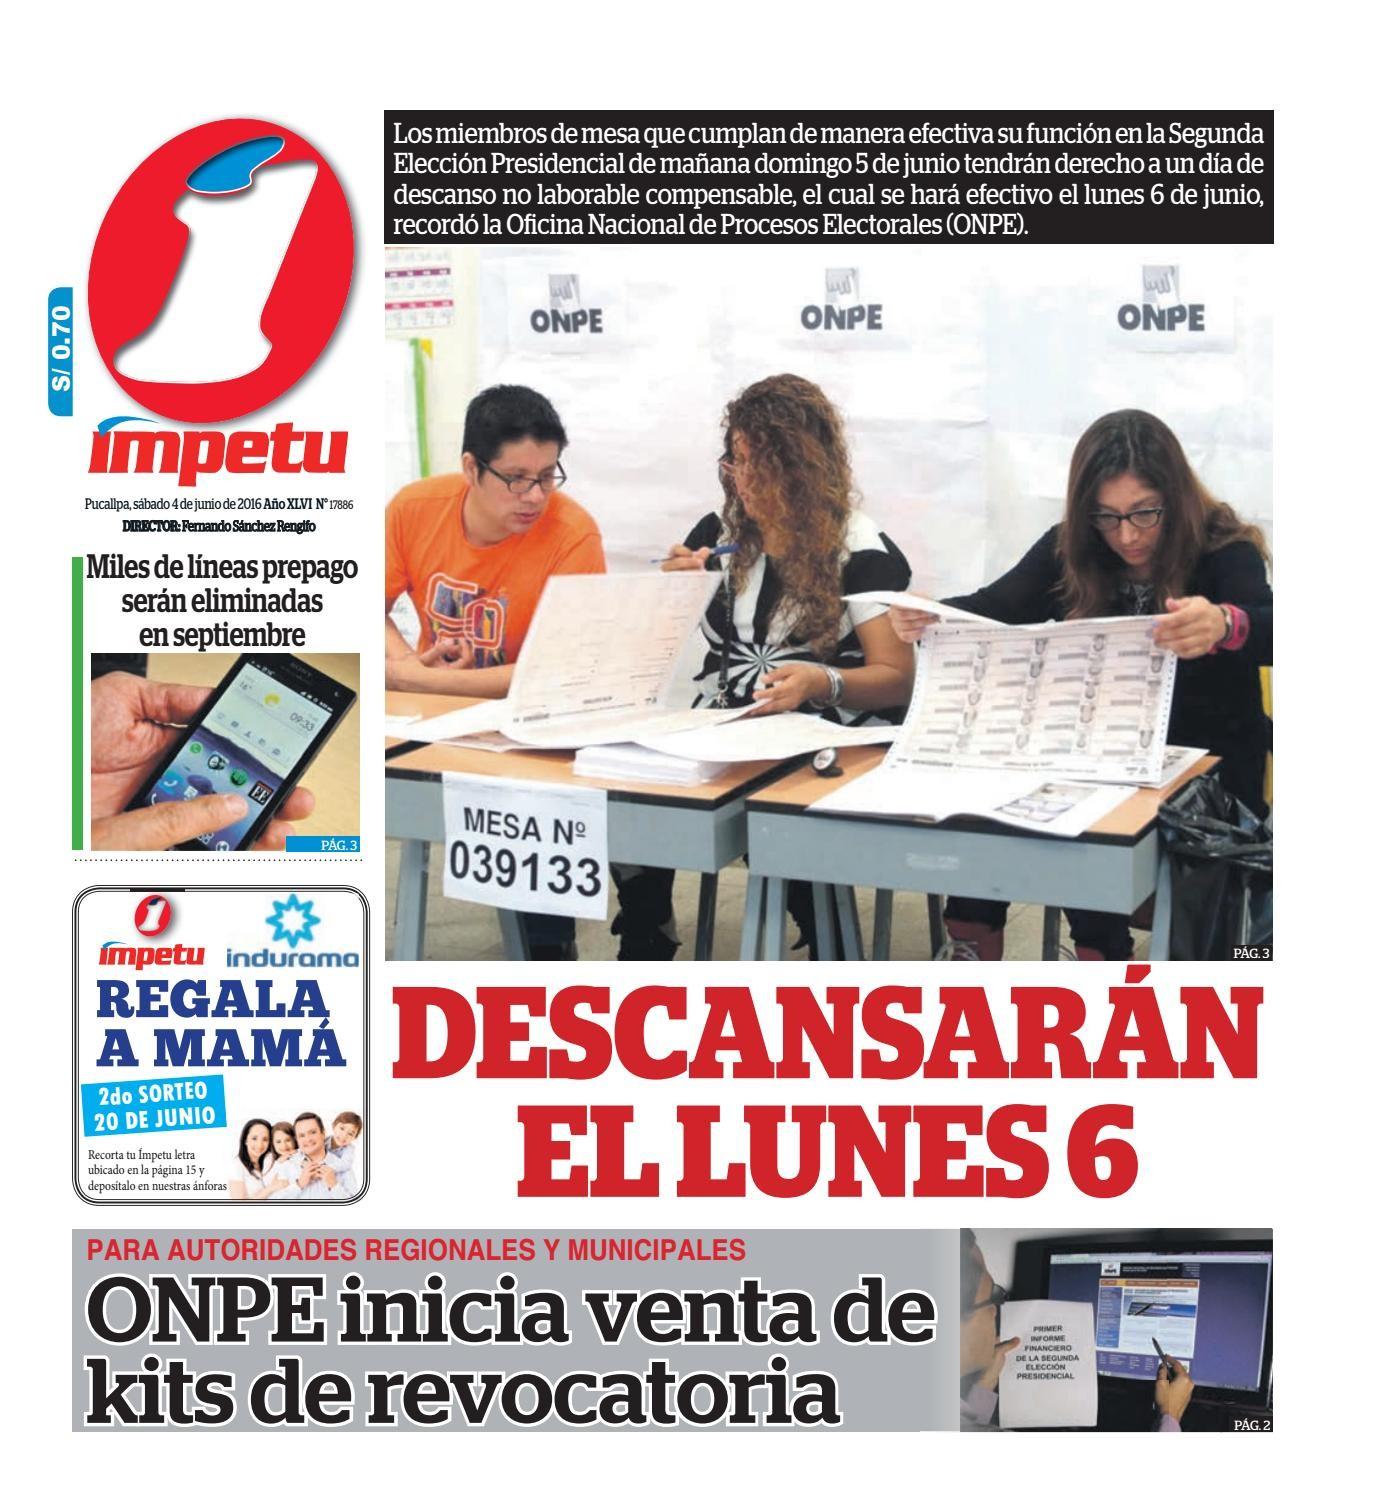 Calendario 2019 Feriados Venezuela Mejores Y Más Novedosos Impetu 4 De Junio De 2016 by Diario mpetu issuu